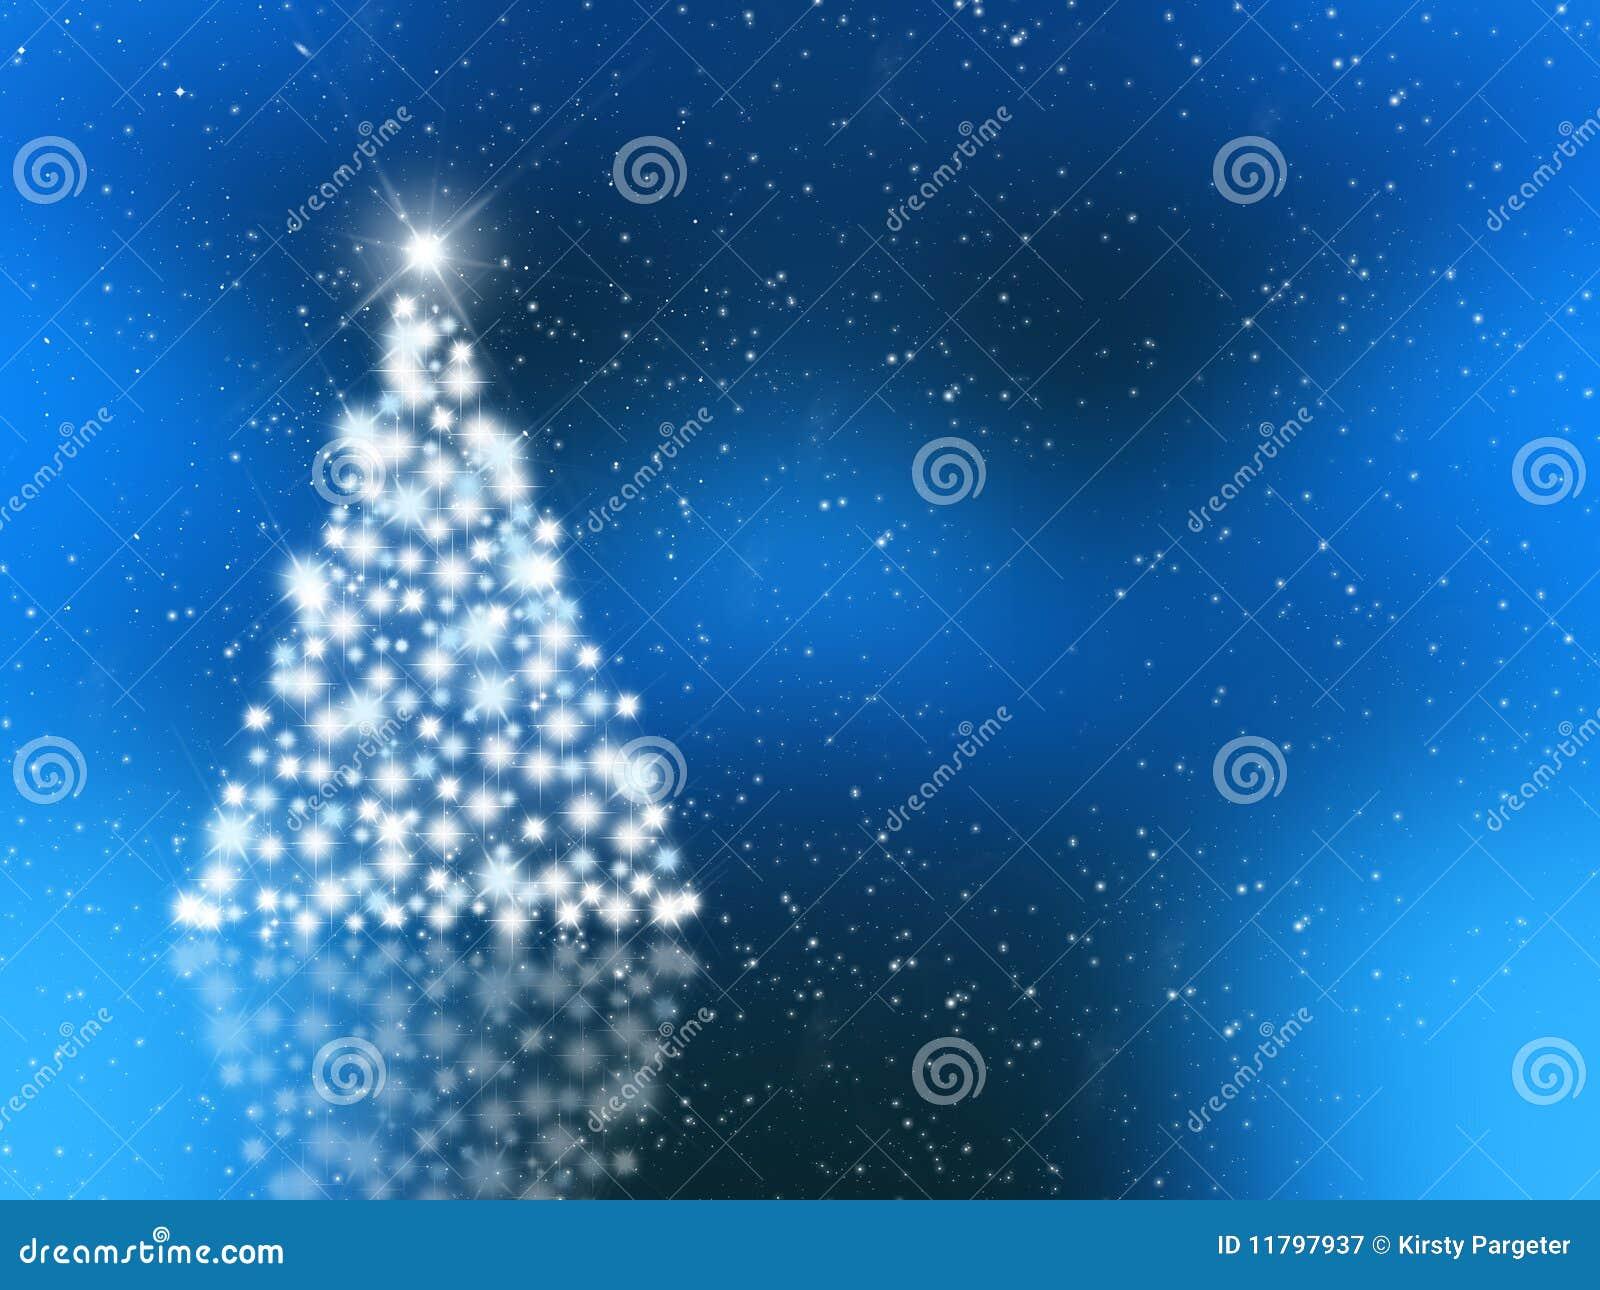 Drzewo Bożego Narodzenia drzewo